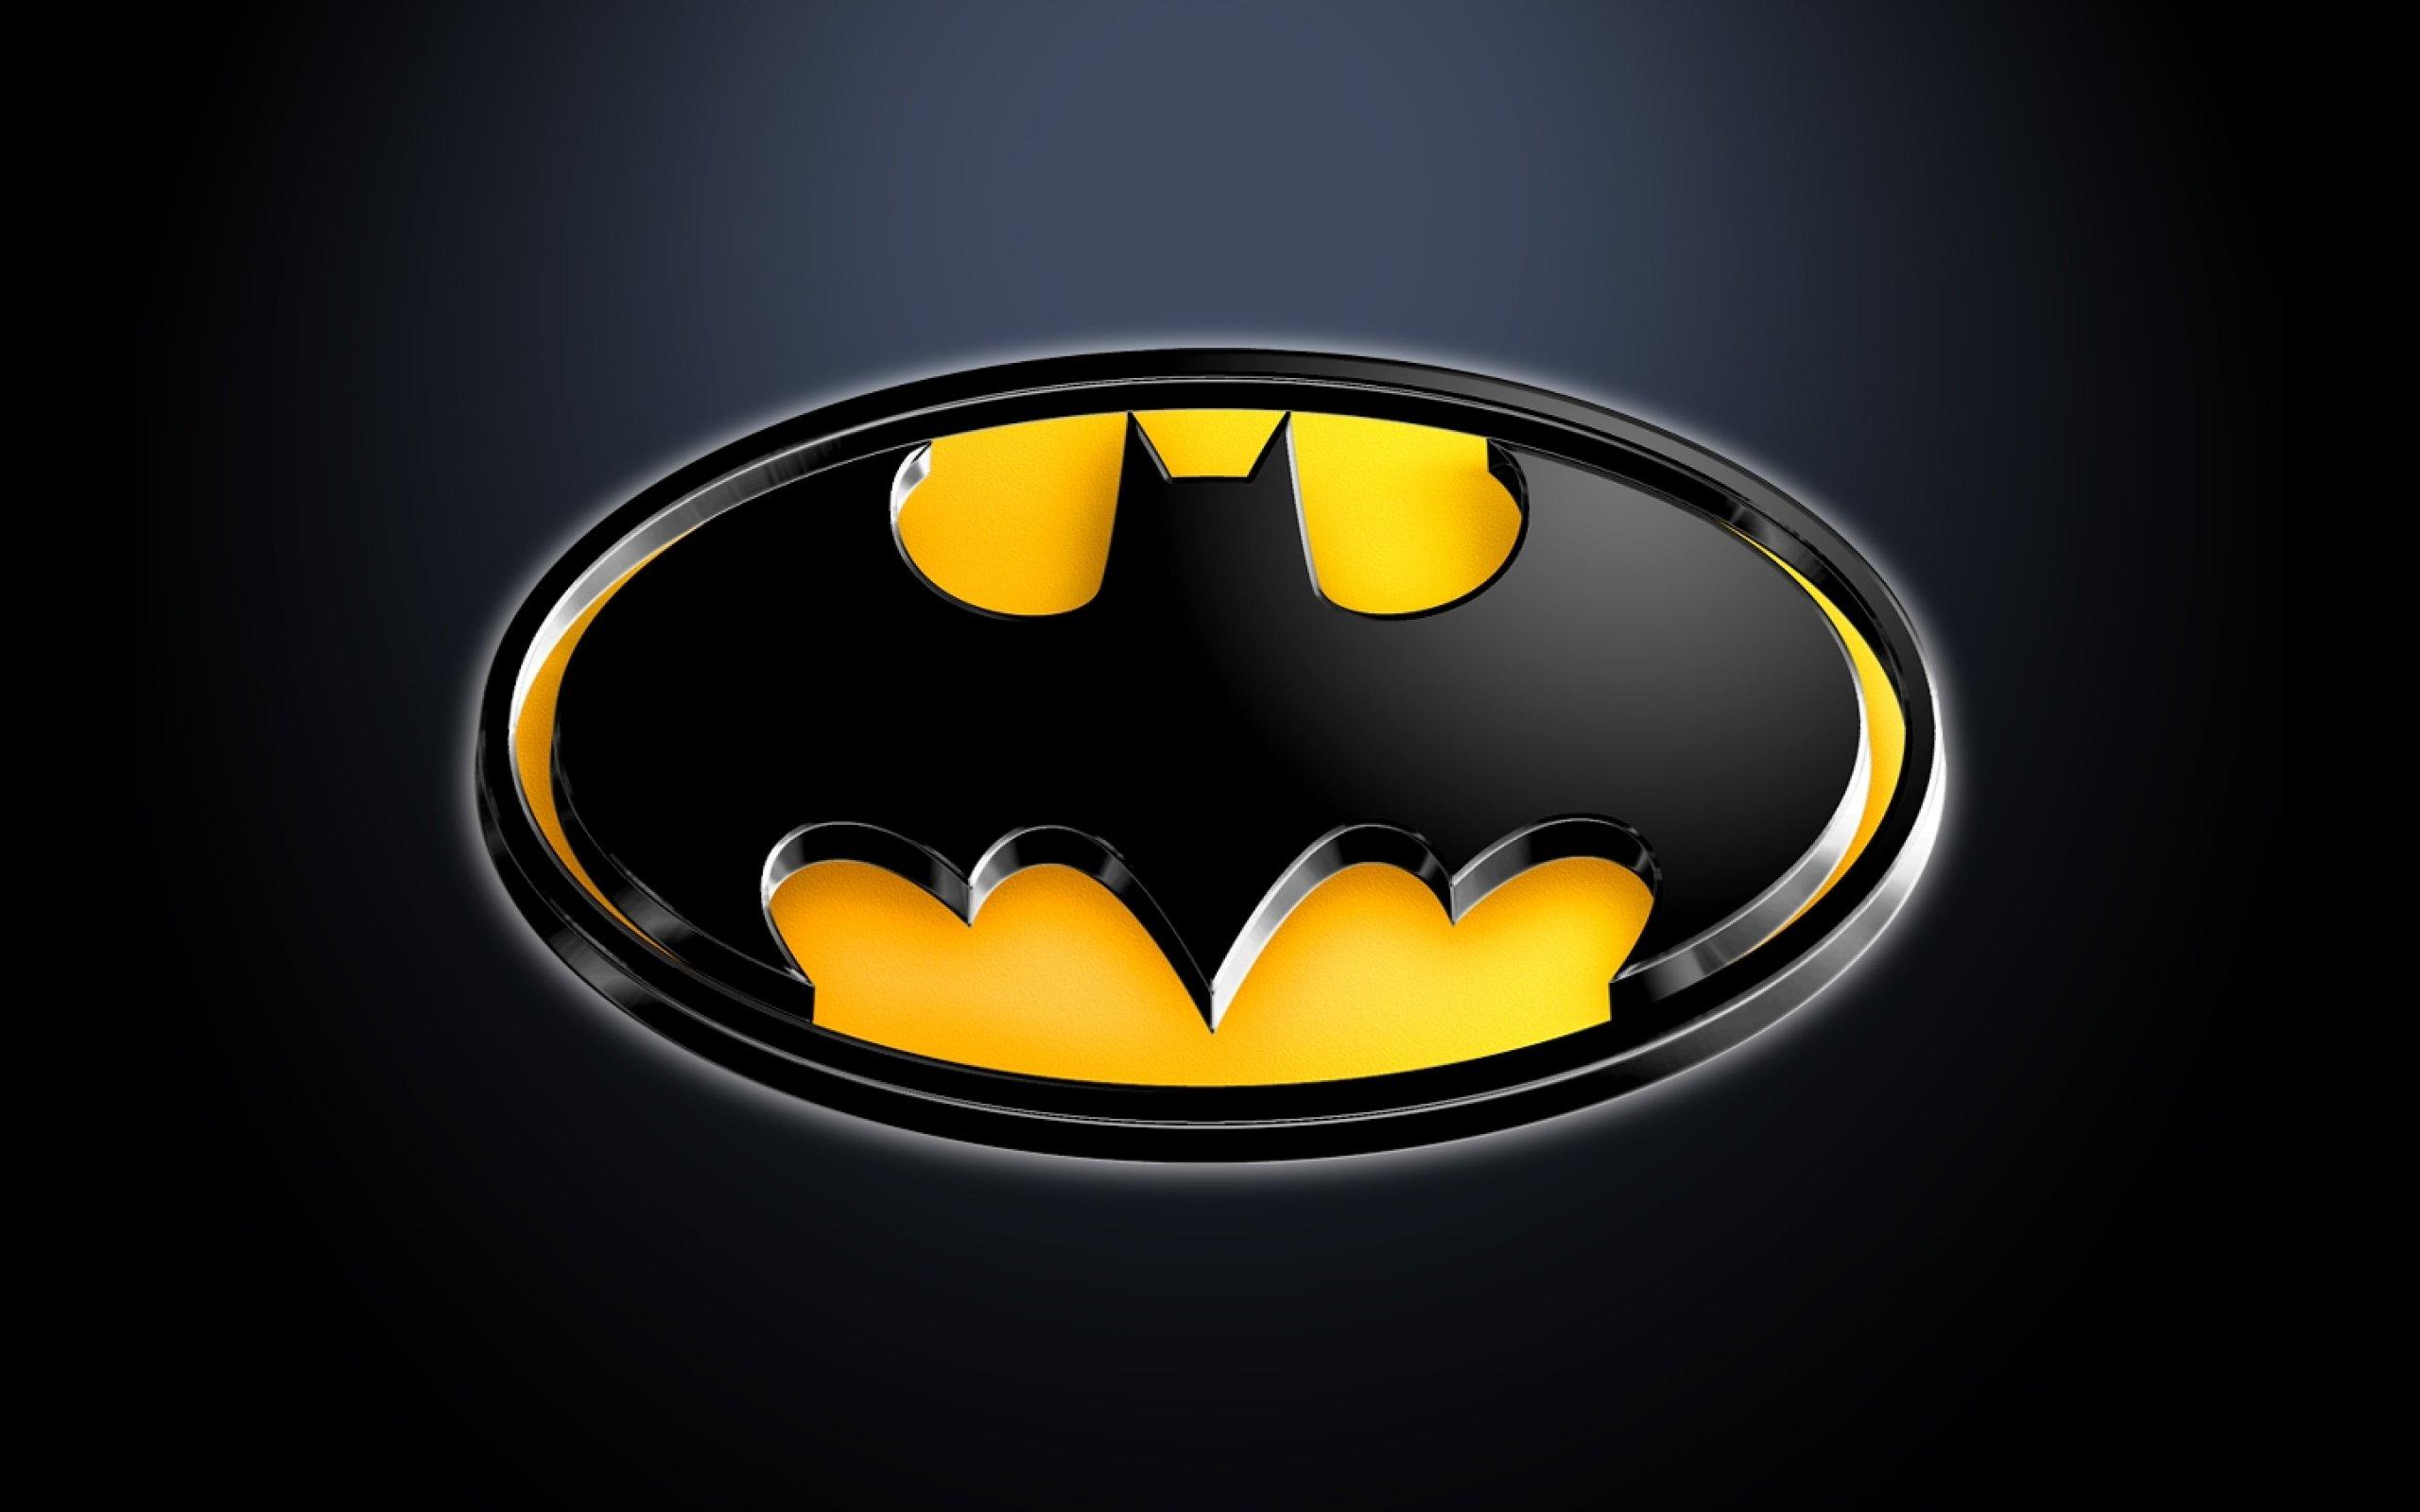 Wallpaper Abyss Explore the Collection Batman Comics Batman 238216 2560x1600